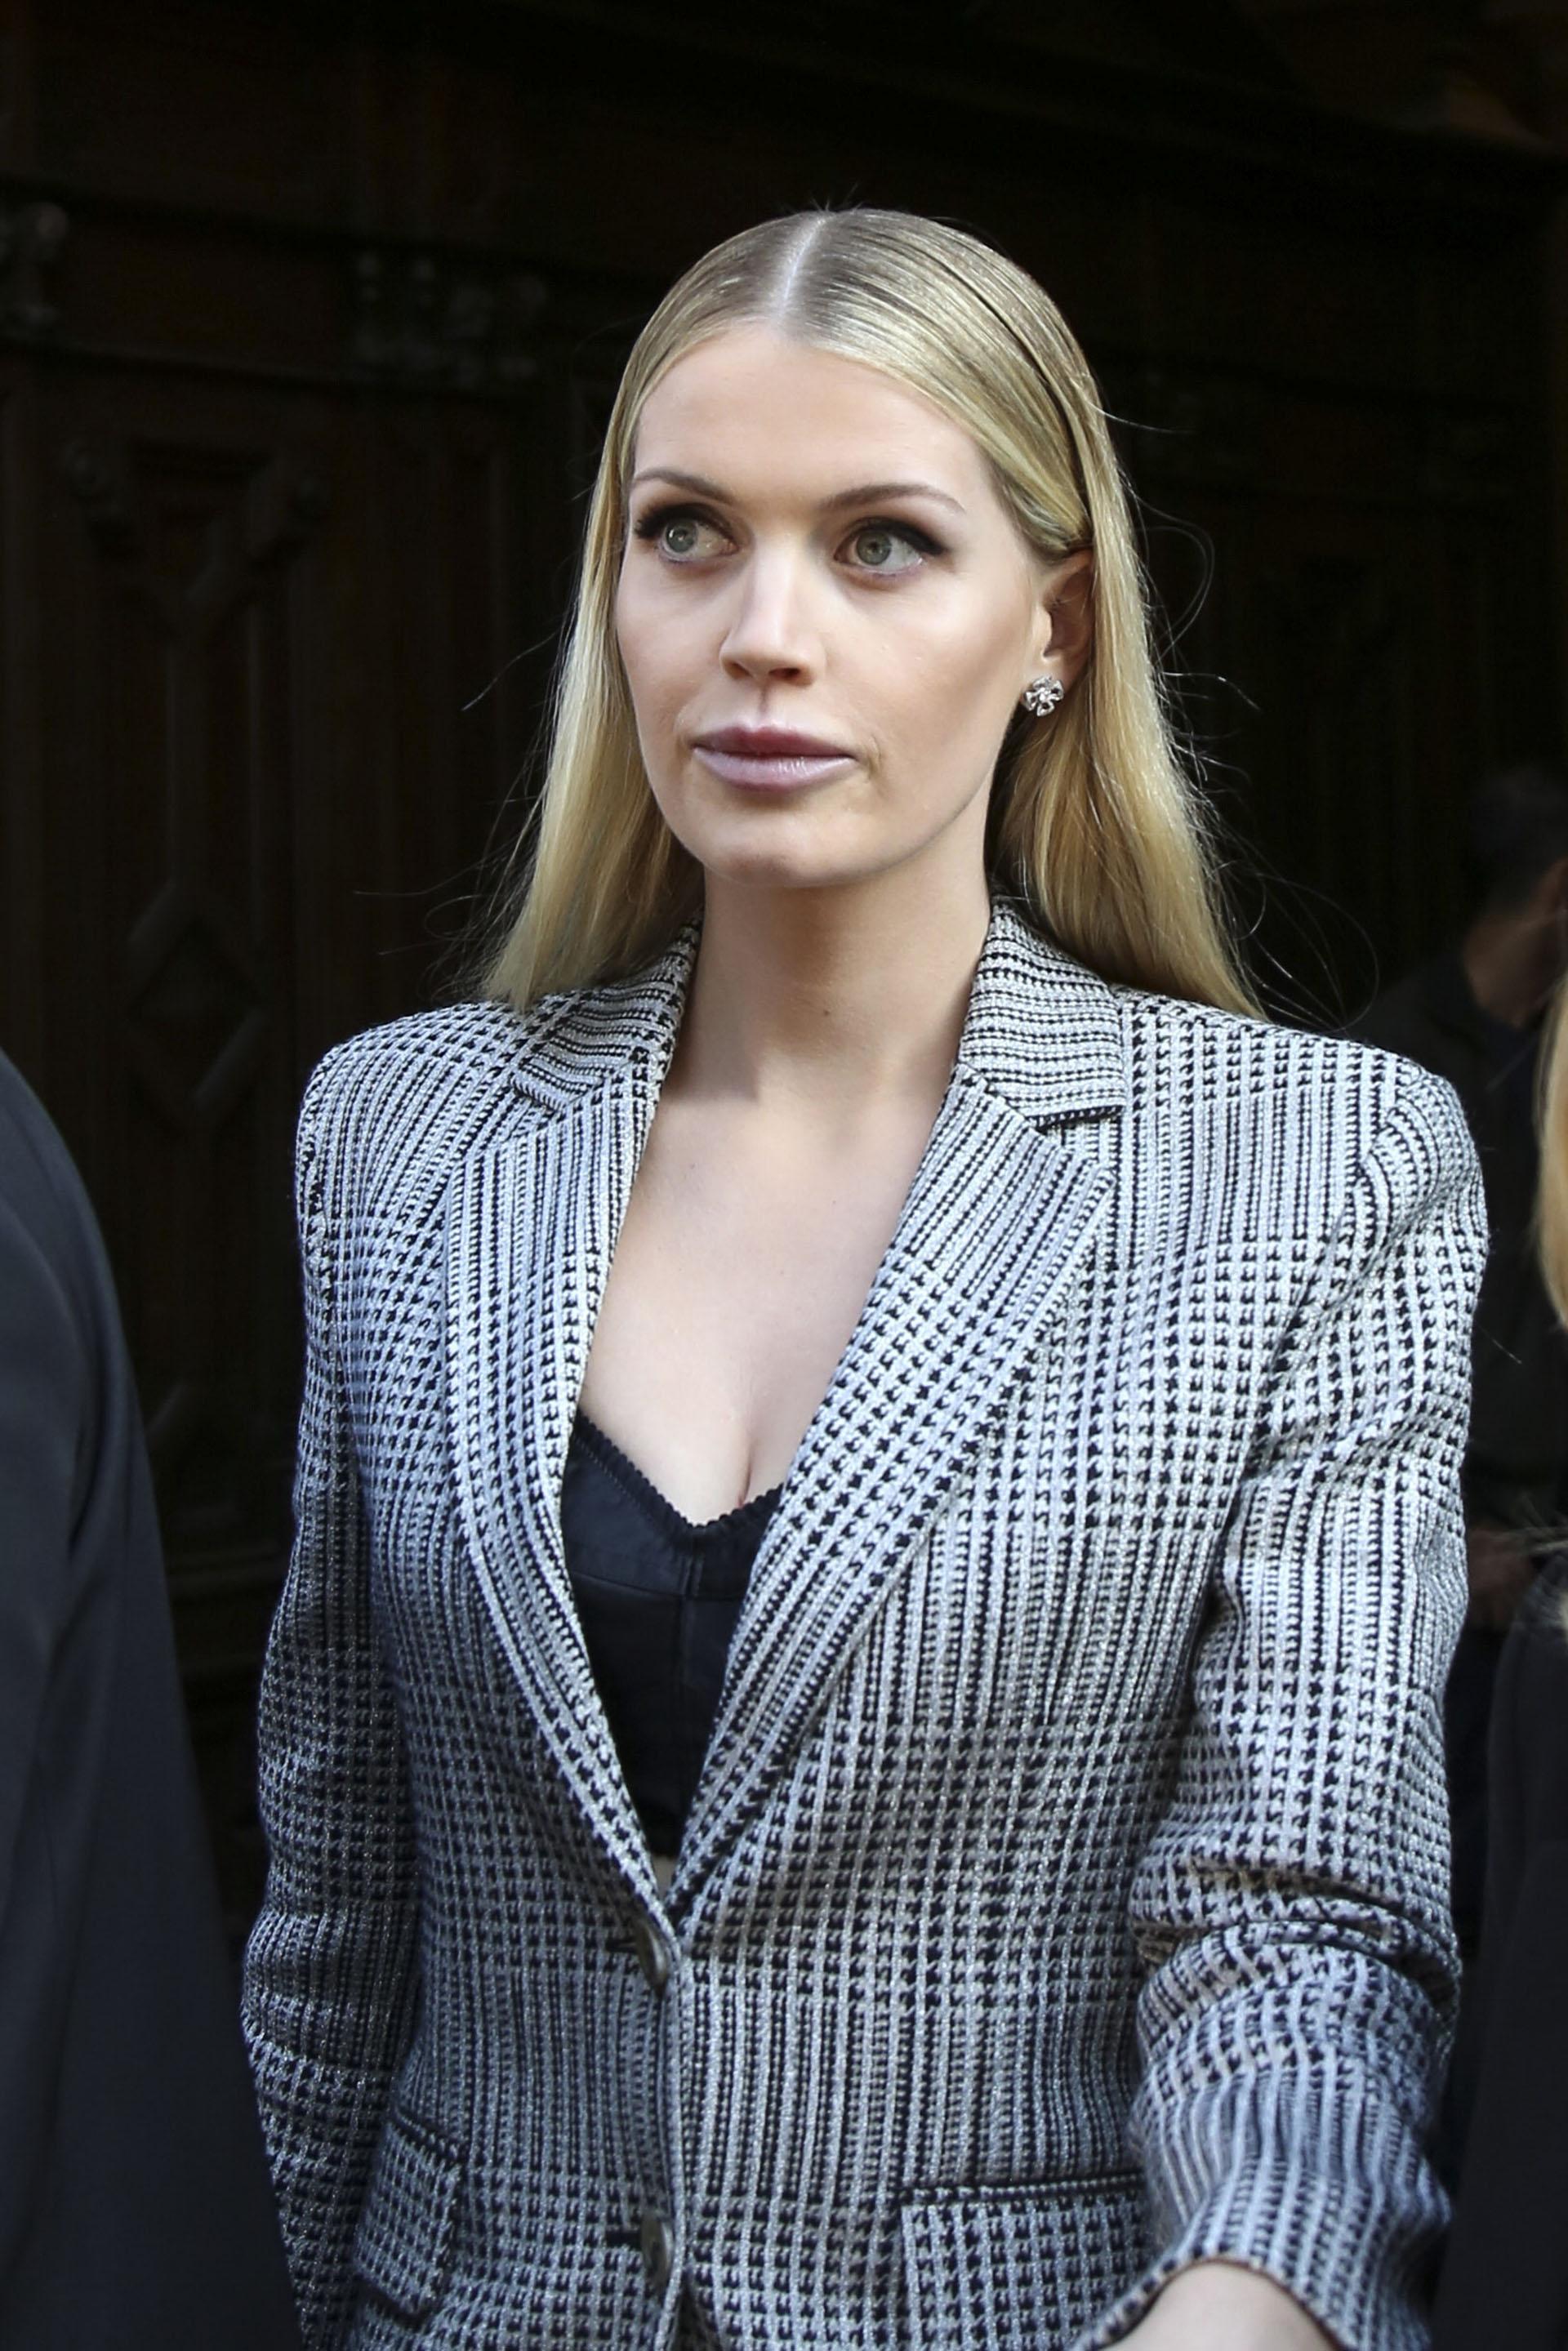 La modelo británica, Lady Kitty Spencer, sobrina de Lady Di también fue parte del evento fashionista